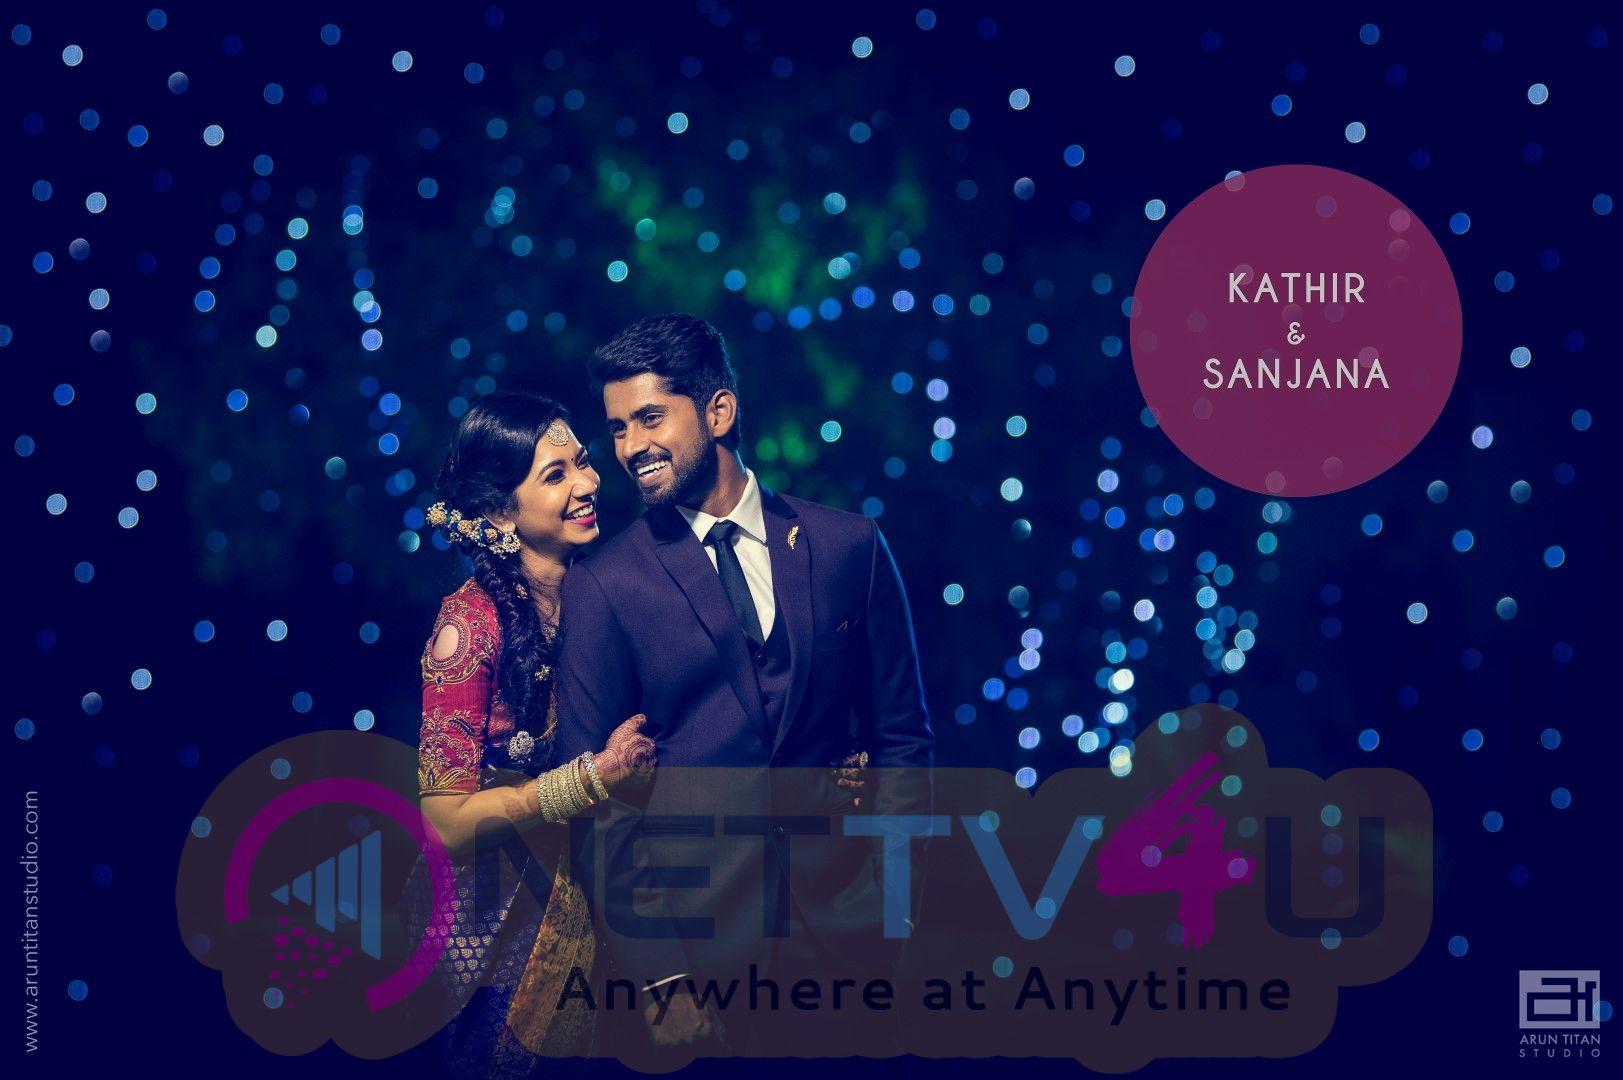 Kathir & Sanjana Wedding Pics